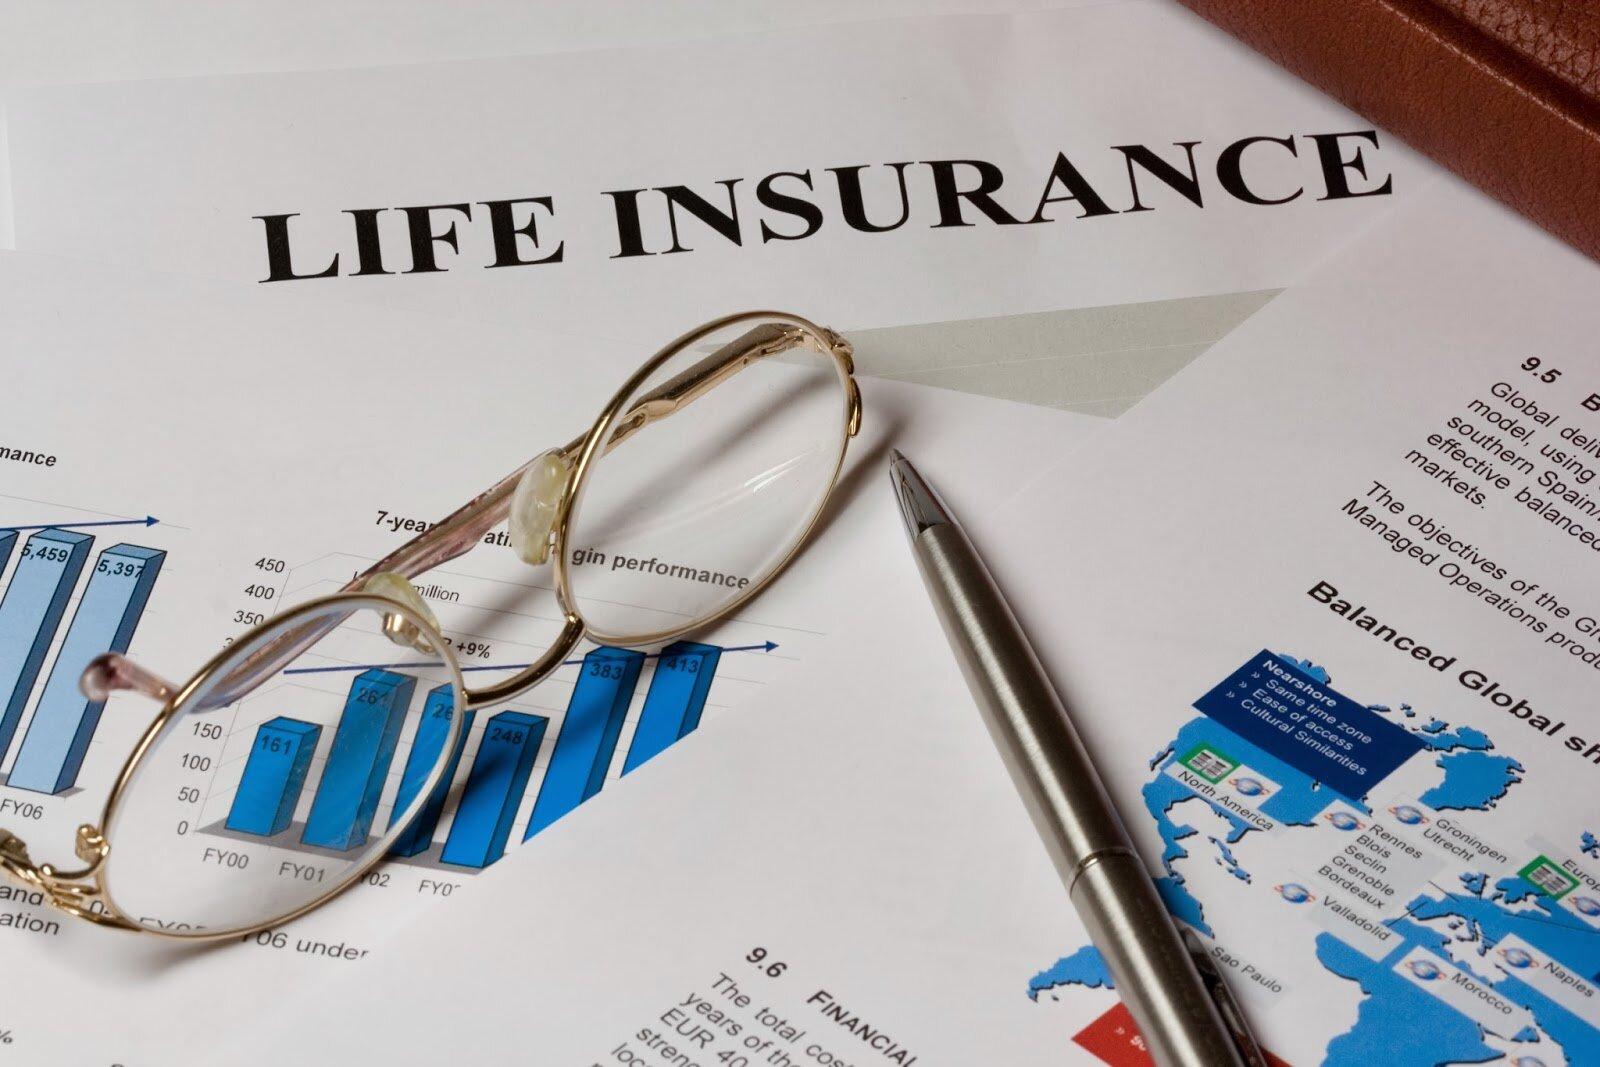 Kinh doanh bảo hiểm không chỉ hợp pháp tại Việt Nam